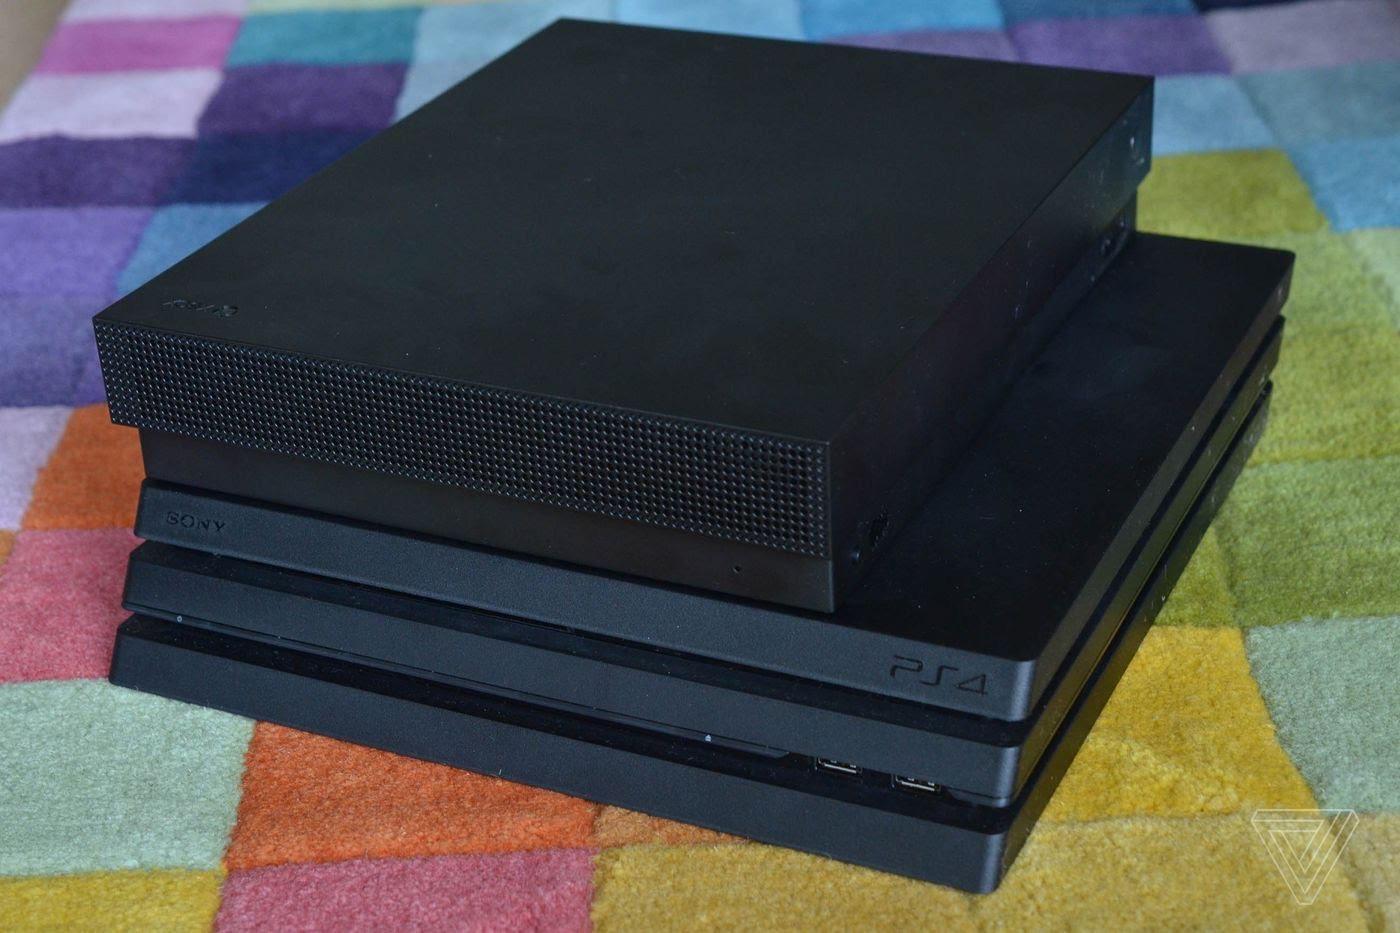 5Q18SCf - PS4Proの筐体がXboxONEXよりデカイのってなんでなん? 普通性能が低い方が小さいだろ?